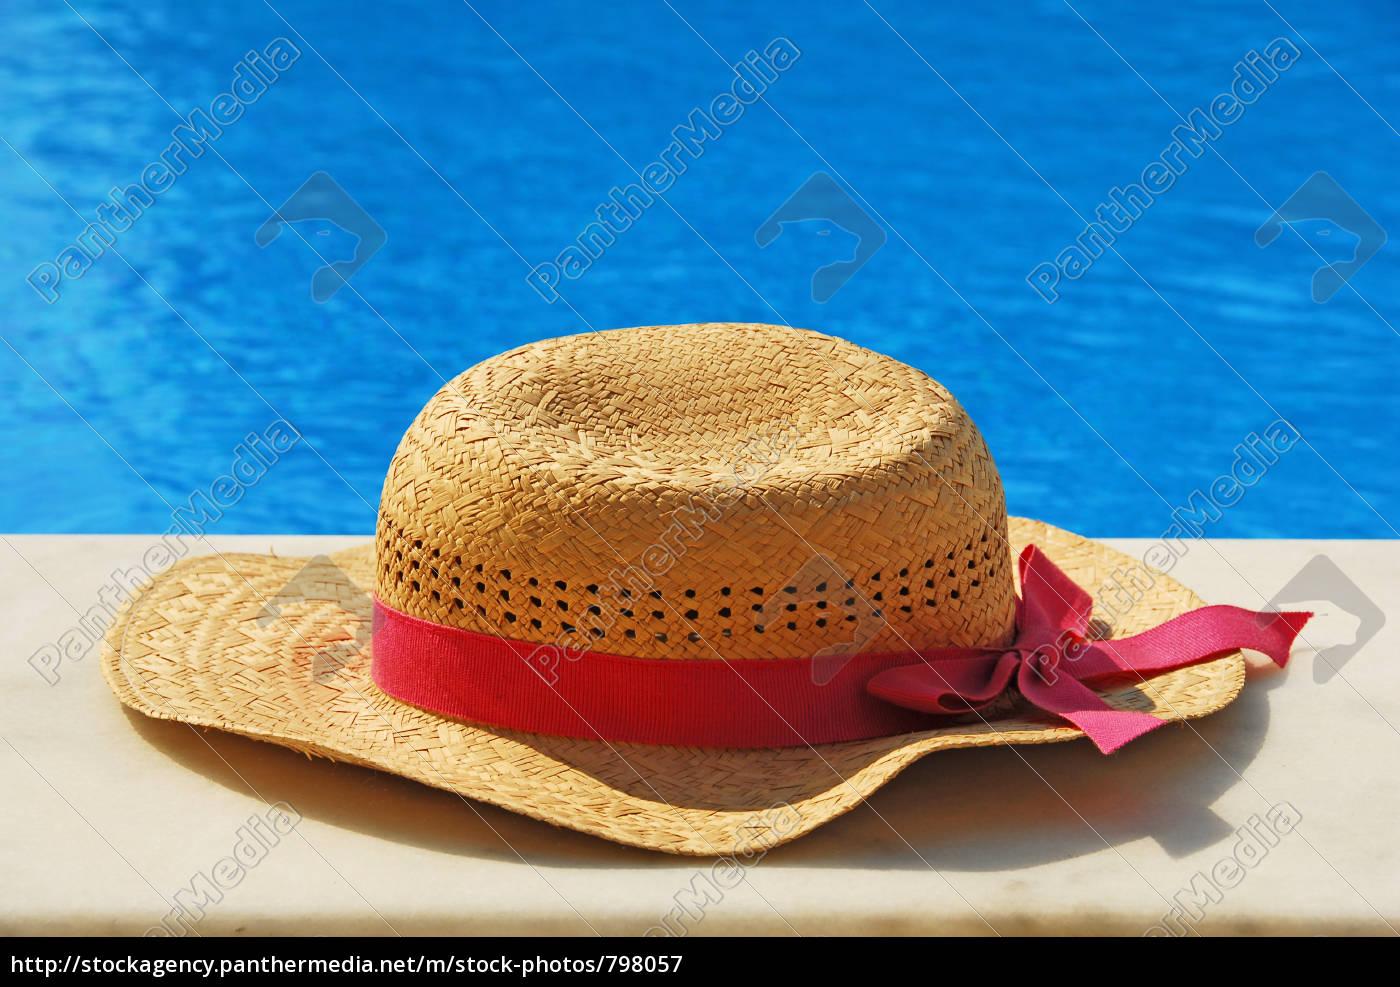 sun, hat, 2 - 798057